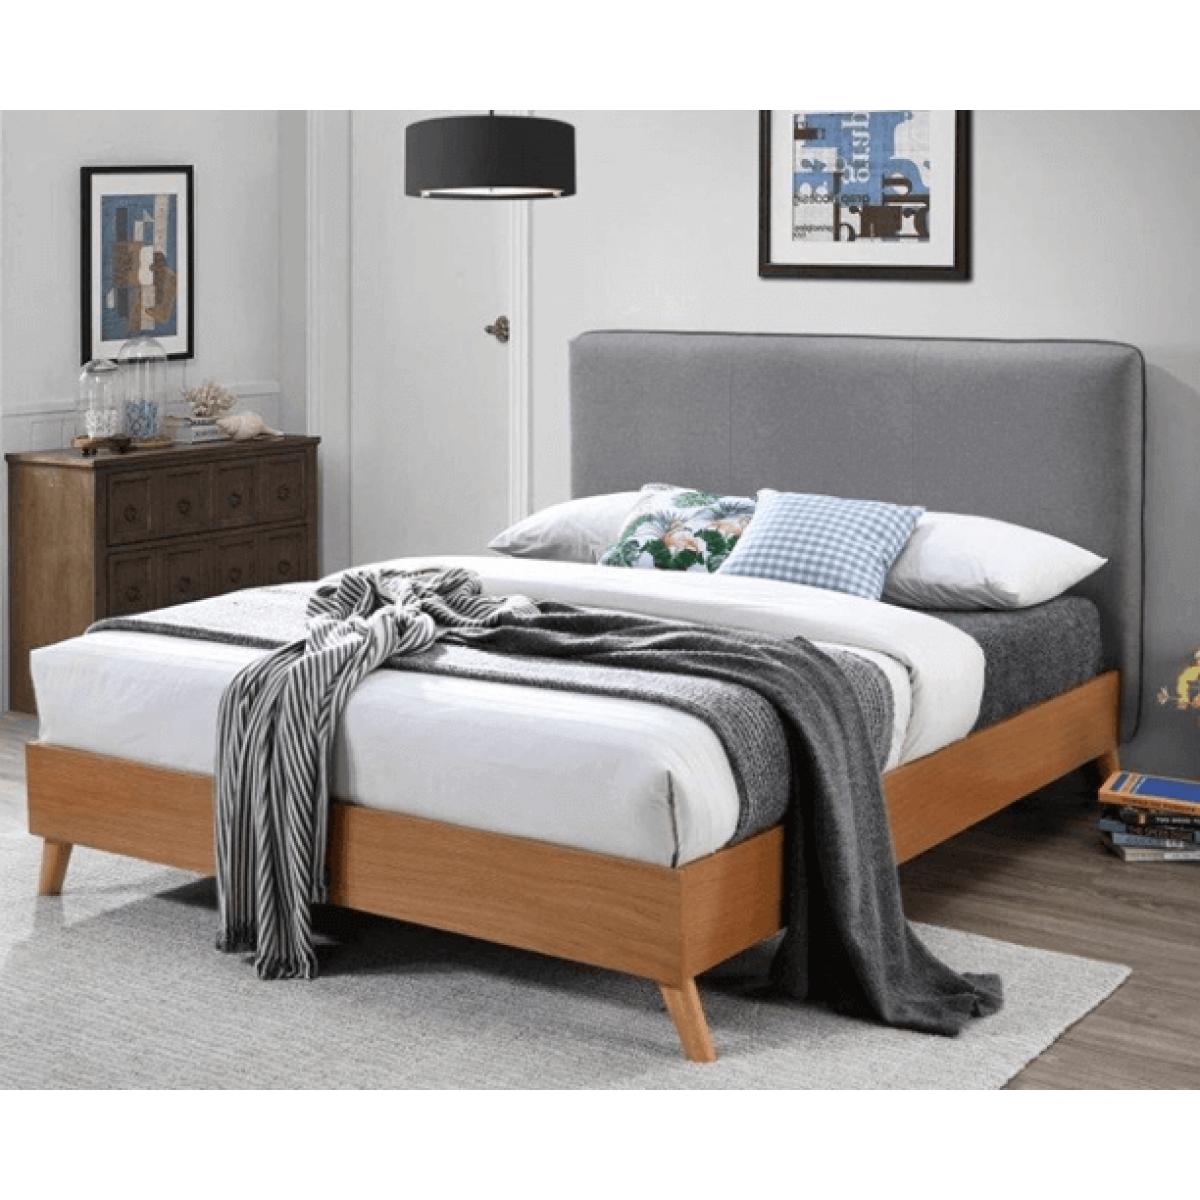 Upholstered Bed Frames Saturn Oak Finished Bed With Light